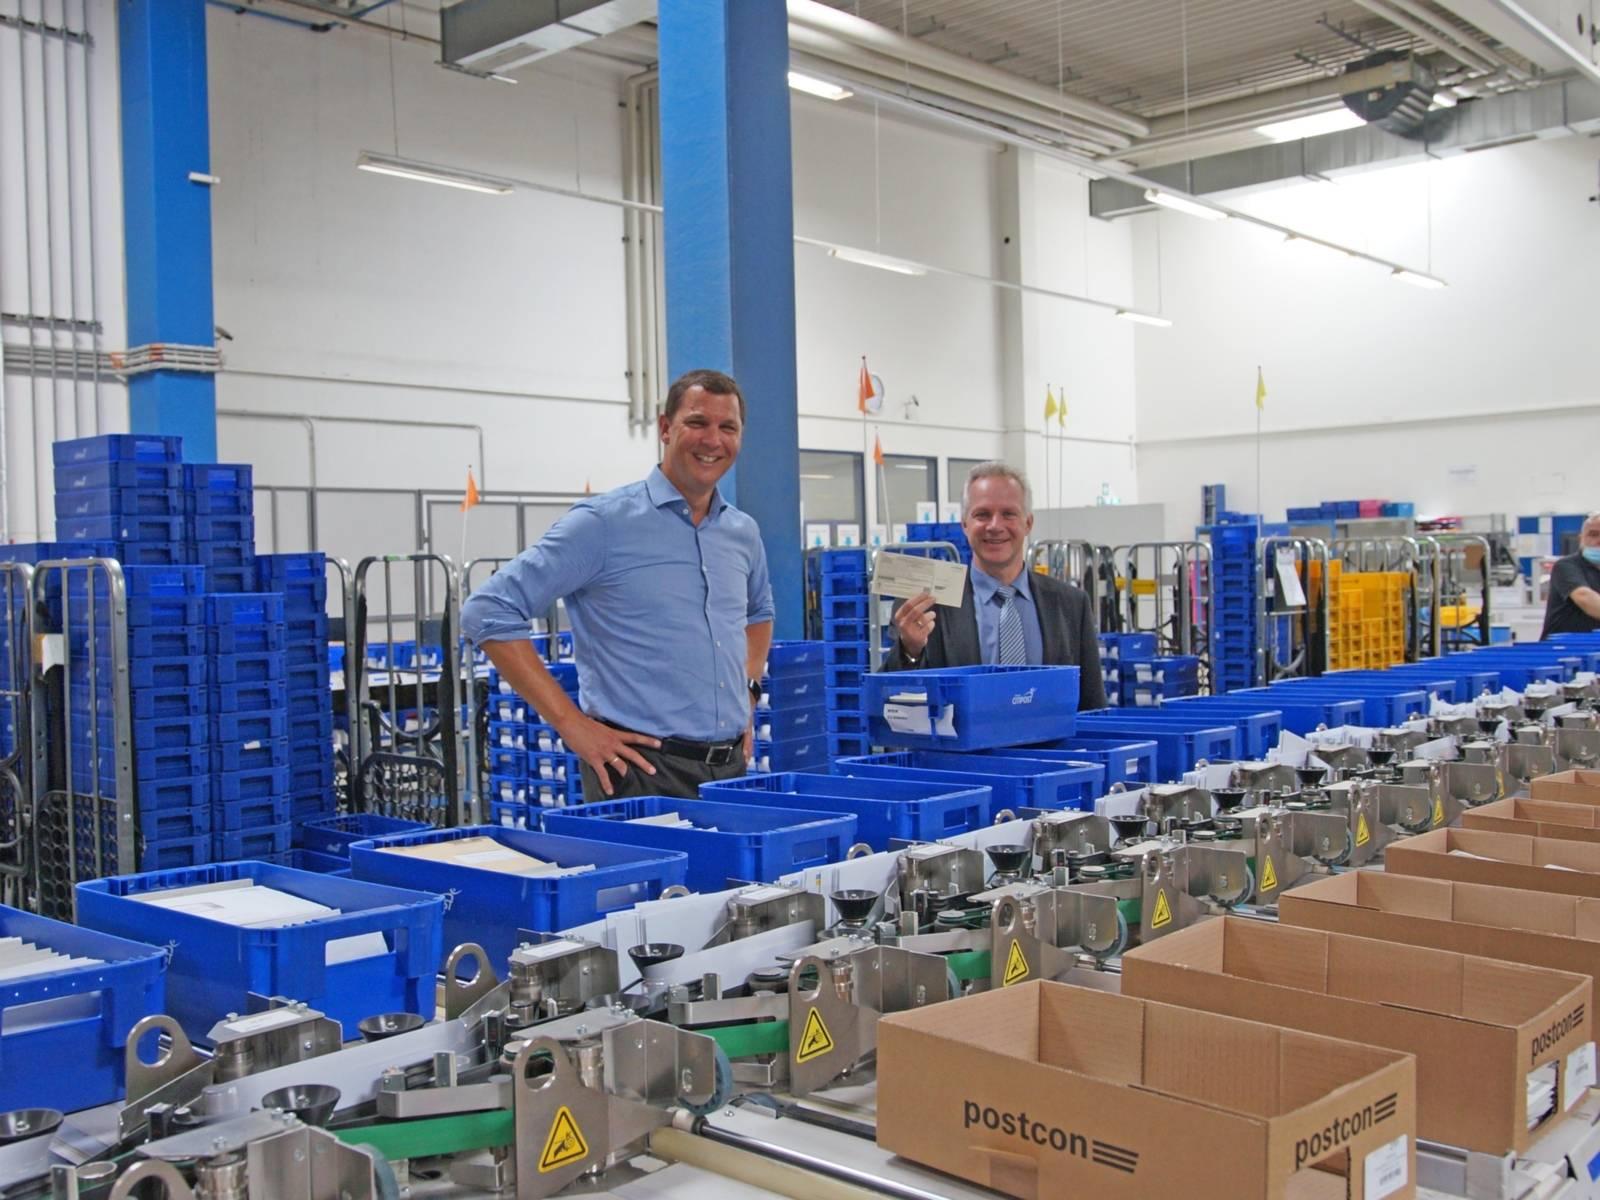 Zwei Männer vor eine Menge Behältnissen mit Wahlzetteln.